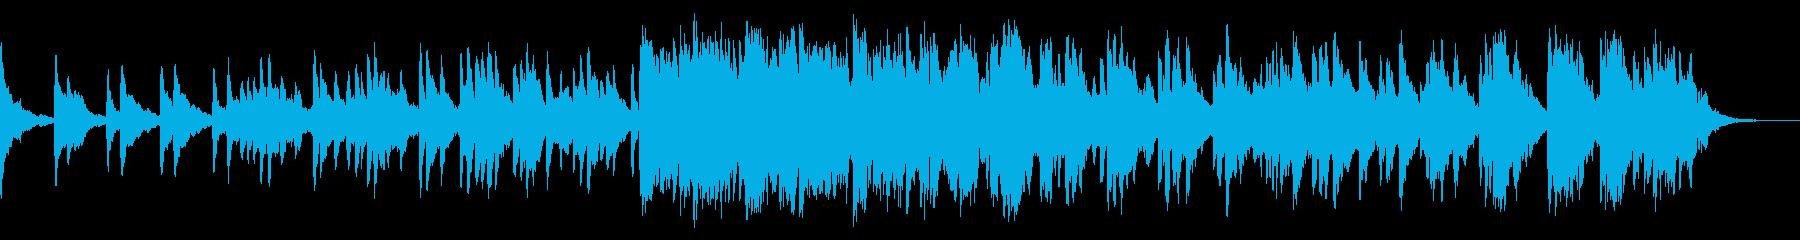 ピアノ ヒーリング 眠り の再生済みの波形